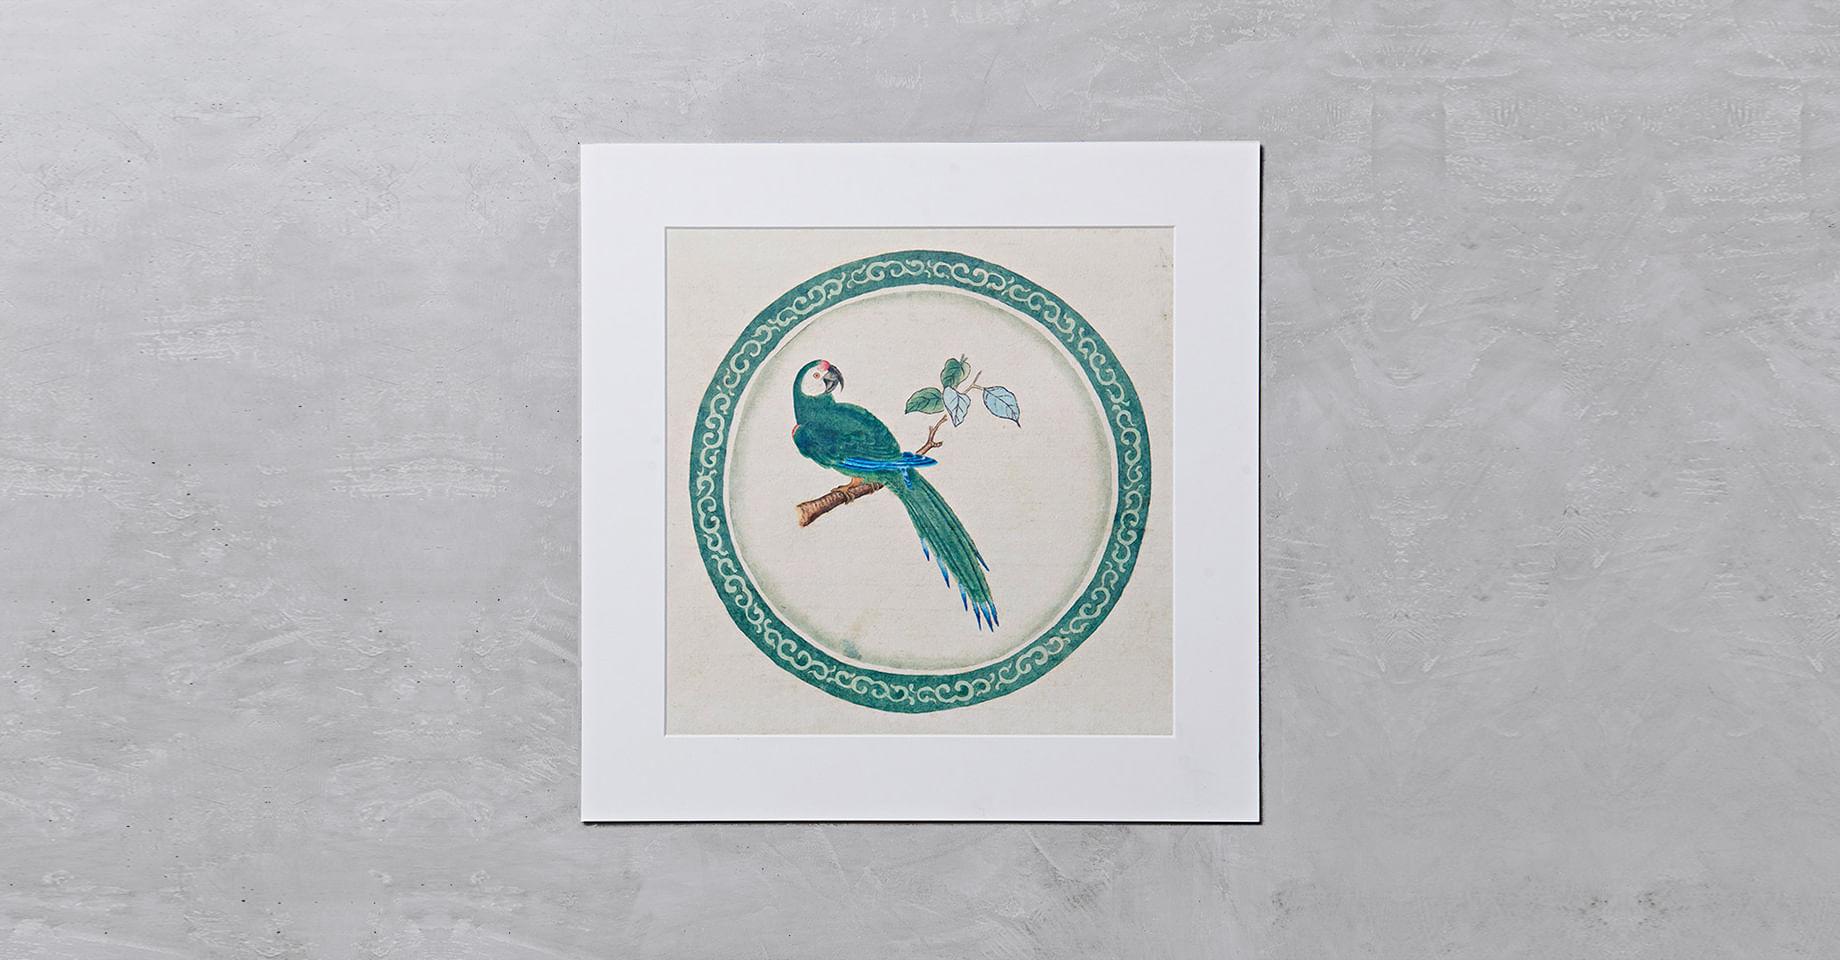 010106053_020_1-GRAVURA-BIRD-1